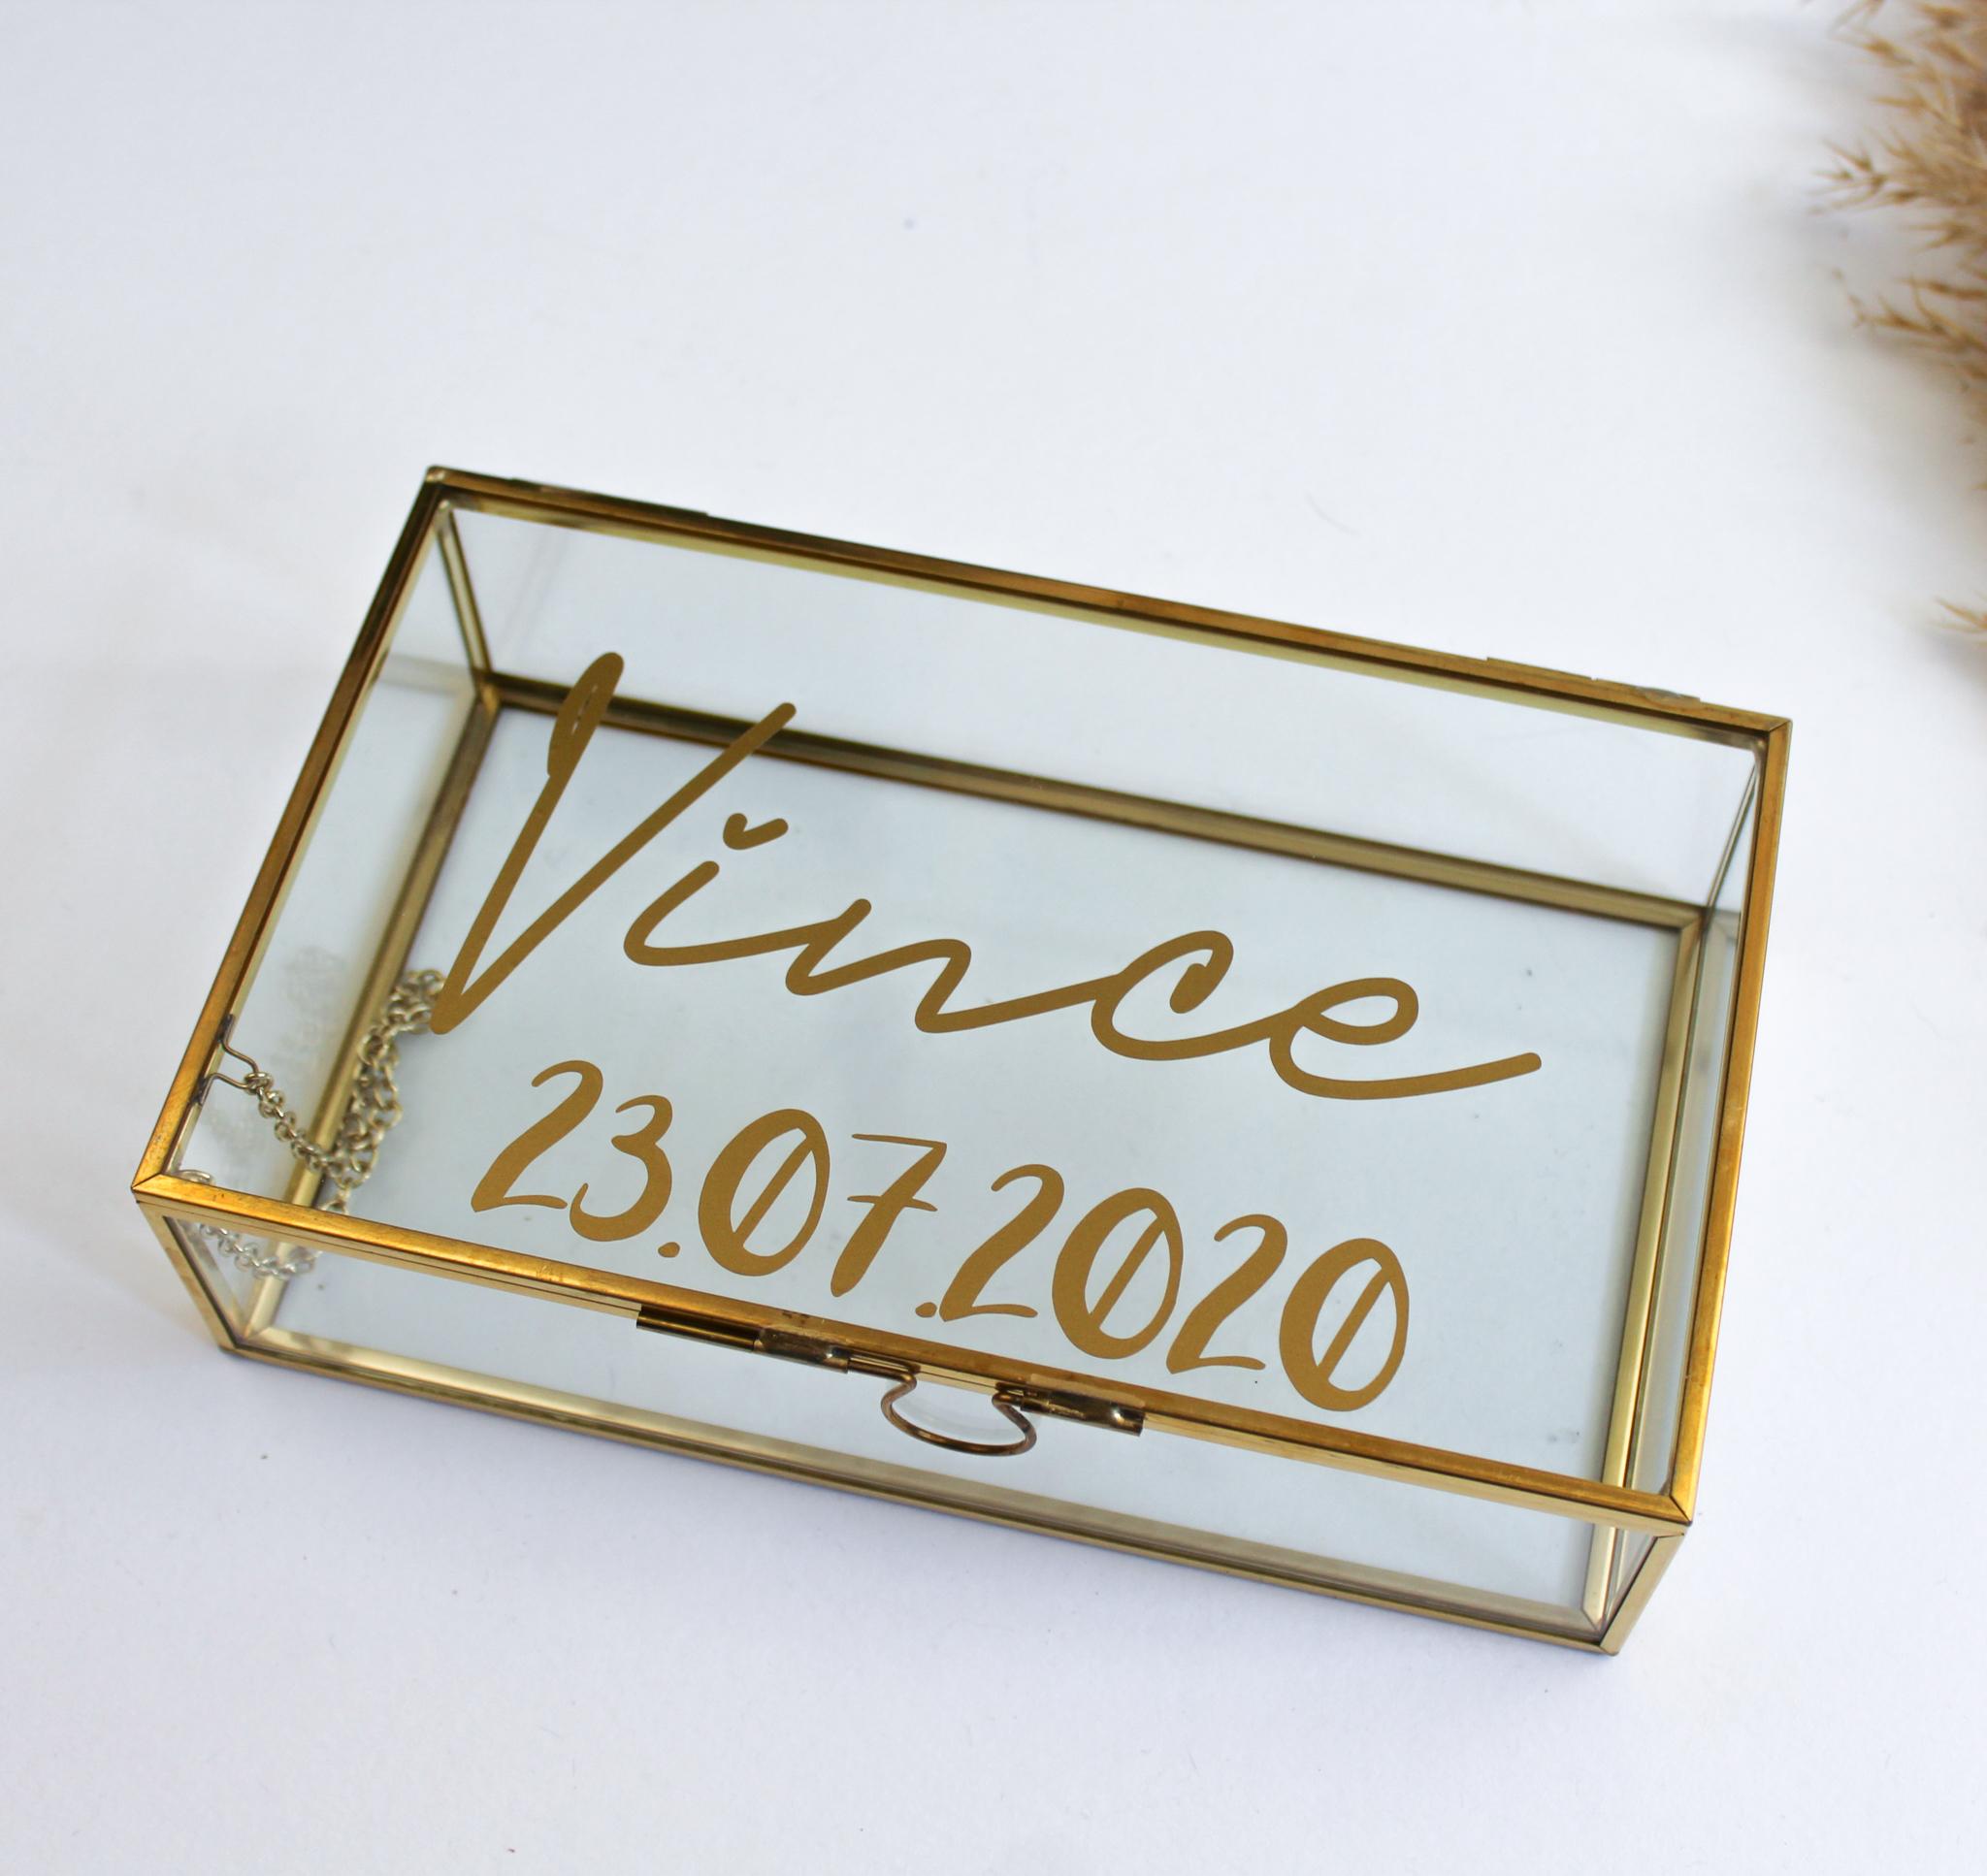 memory box voorbeeld goud messing glazen cadeau ideefabriek